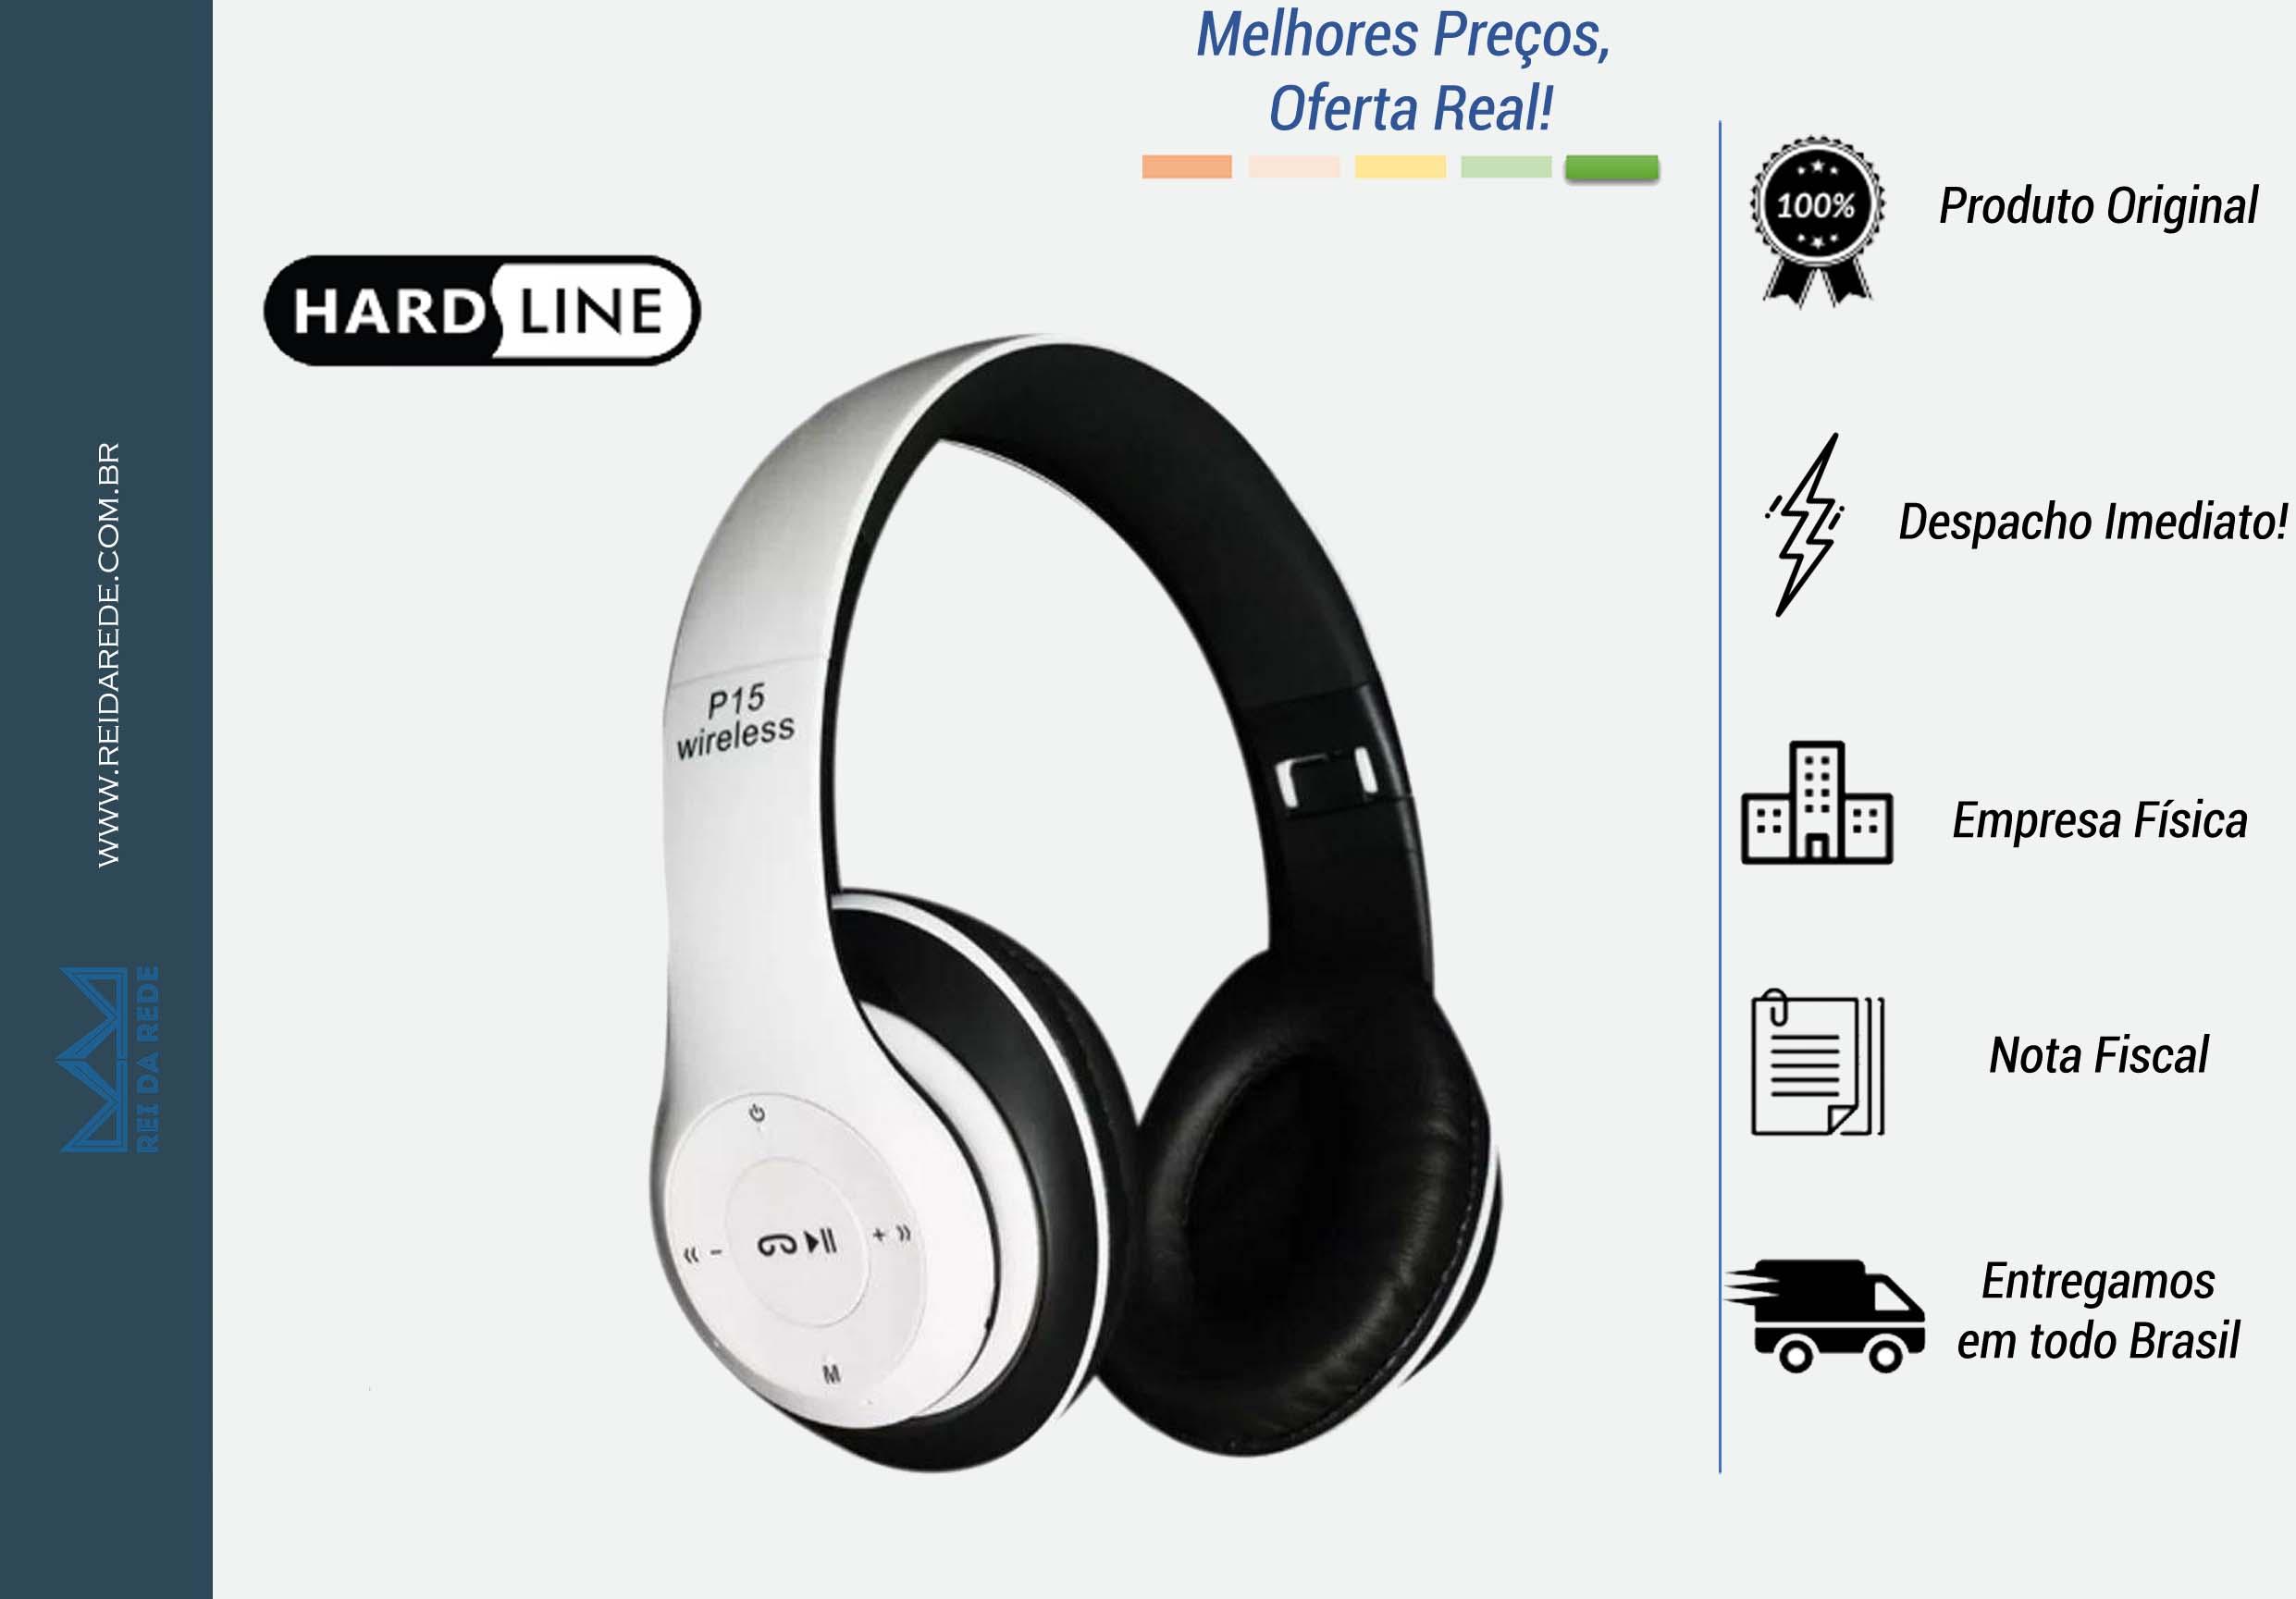 FONE DE OUVIDO BLUETOOTH SEM FIO RADIO FM ENTRADA SD FO-BT-P15 BRANCO PADRAO - HARDLINE